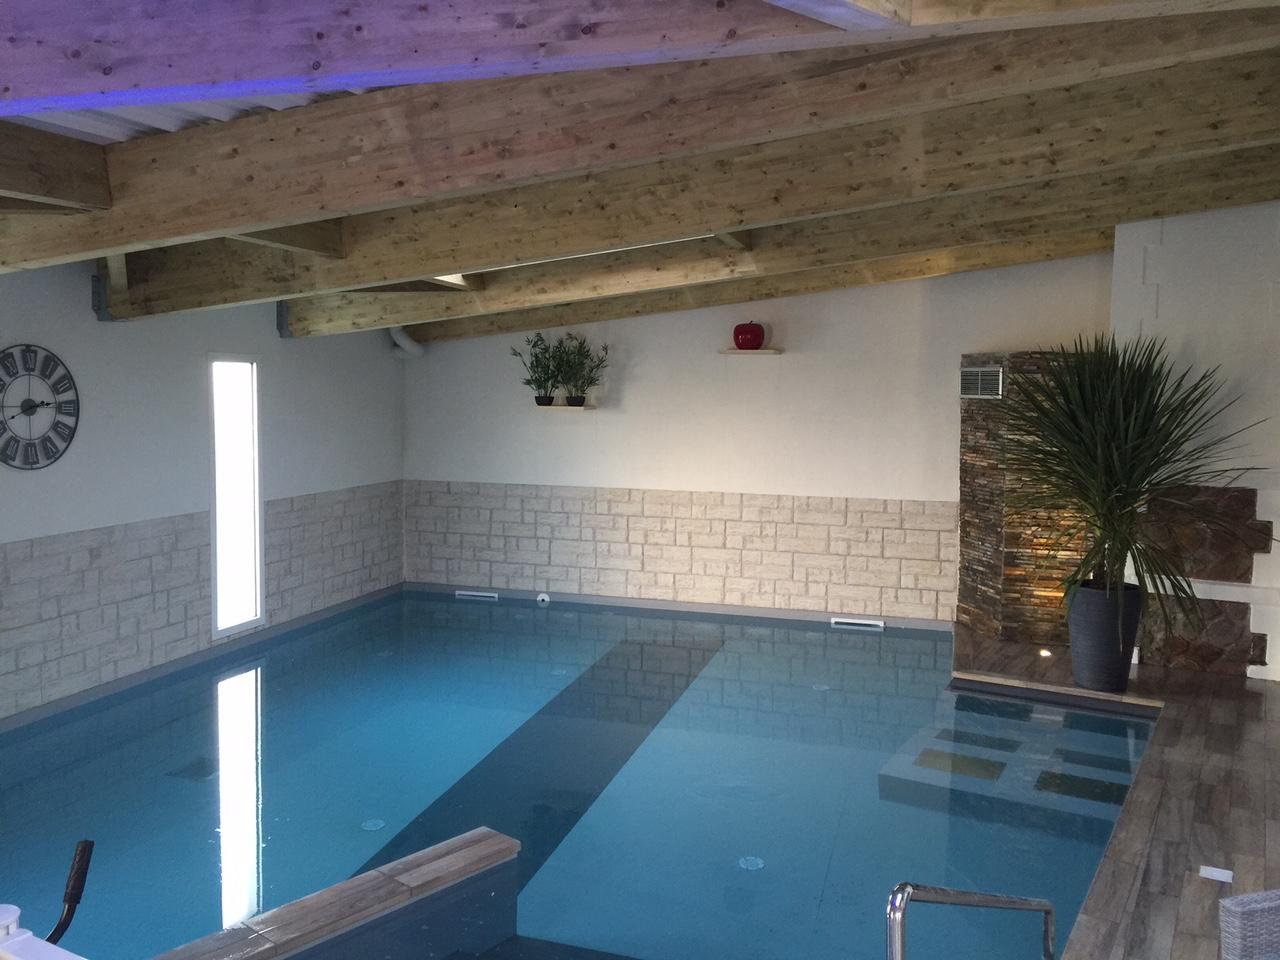 Direction les Sables d'Olonne pour un séjour dans cet hôtel avec piscine